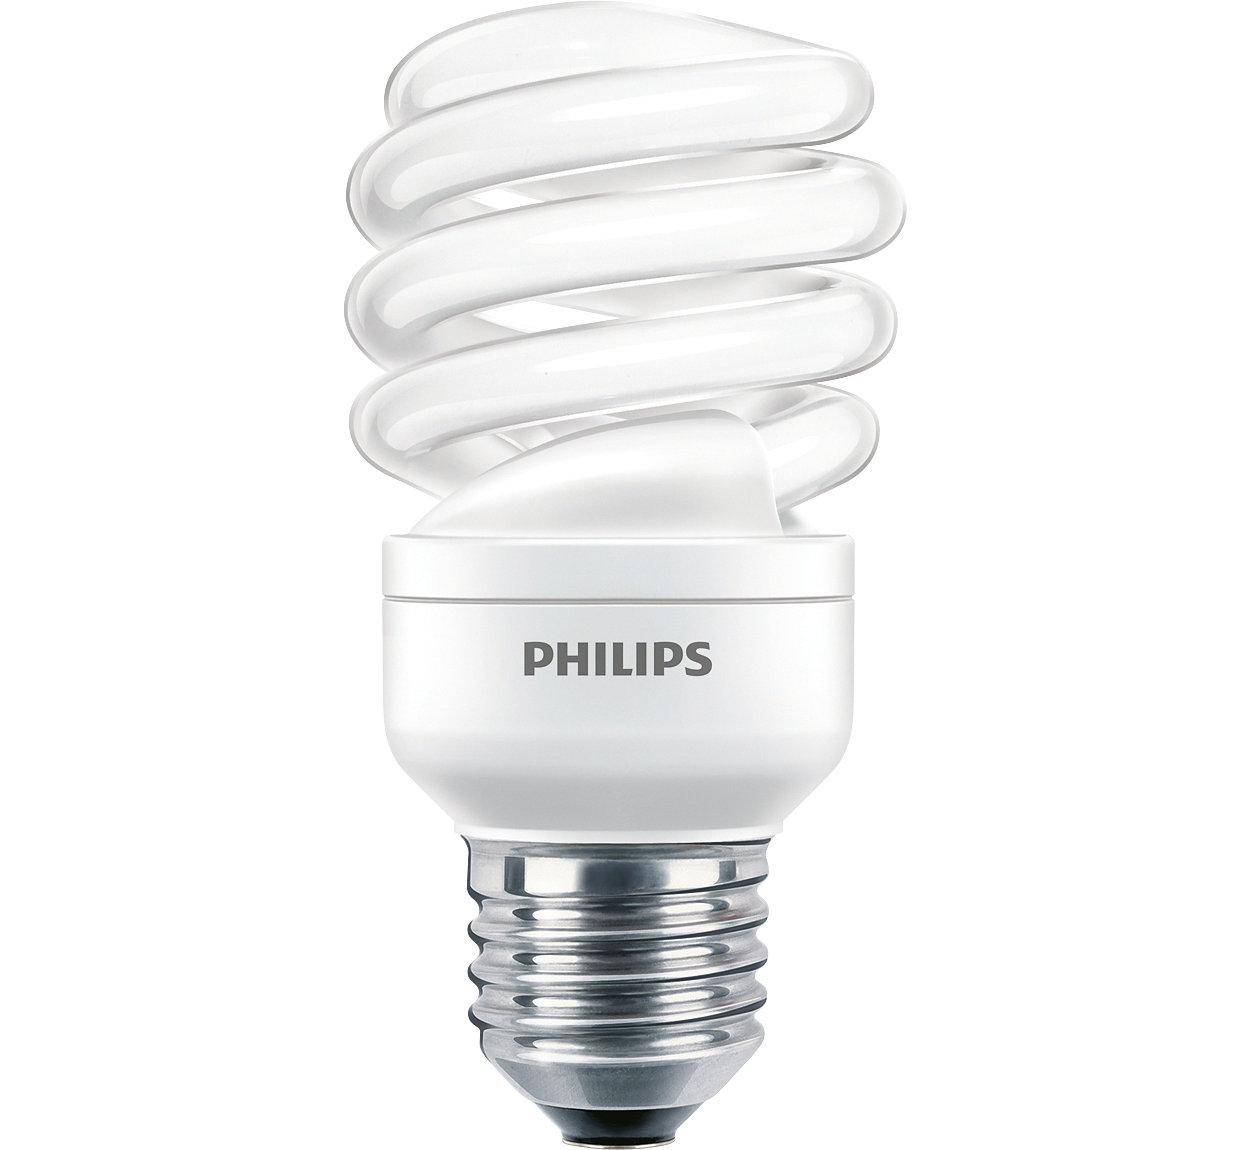 Overlegen energibesparelse i kompakt form